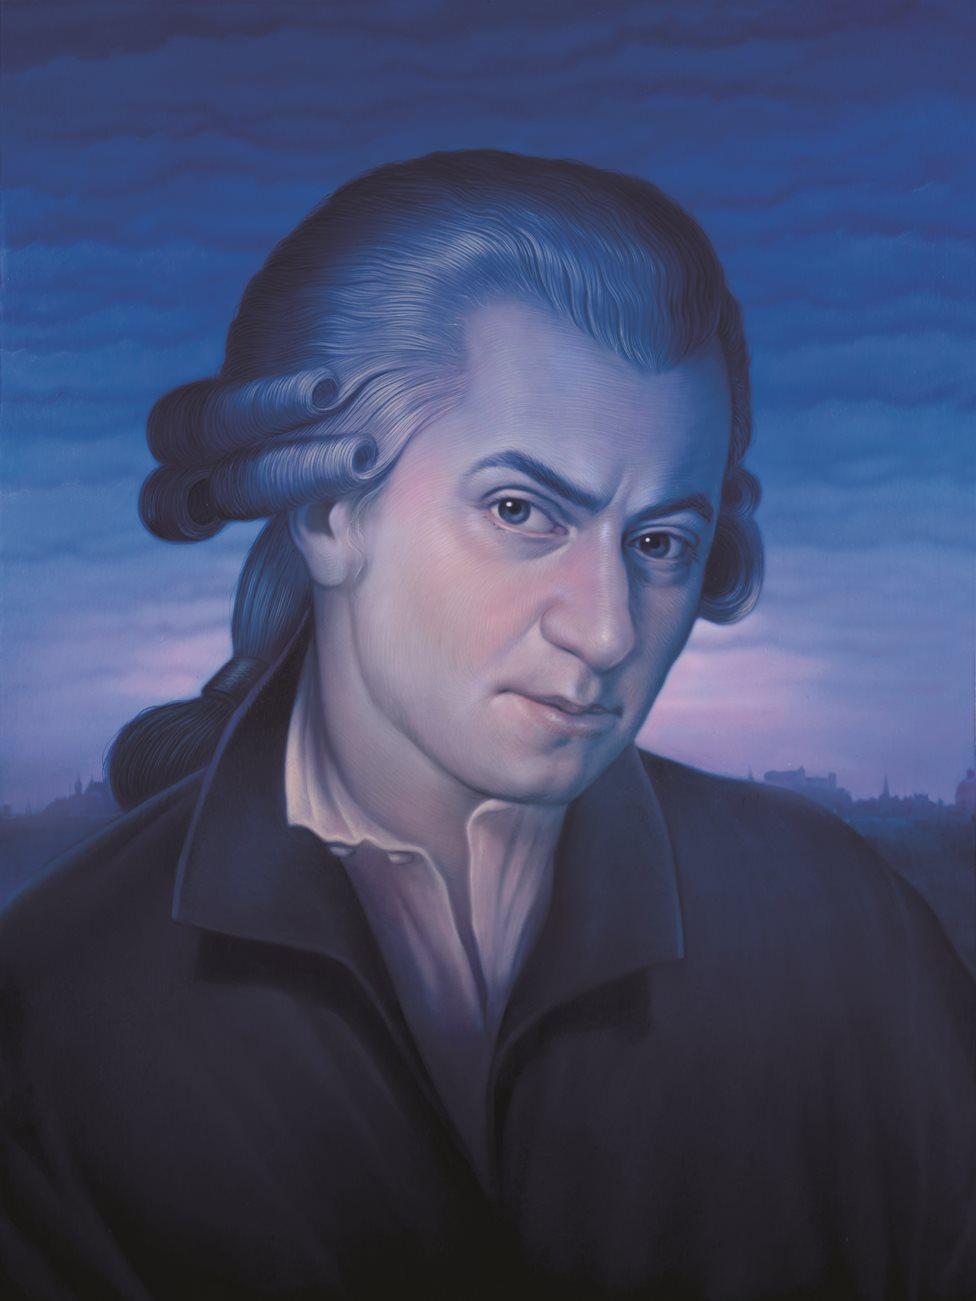 Mozart by Tim O'Brien